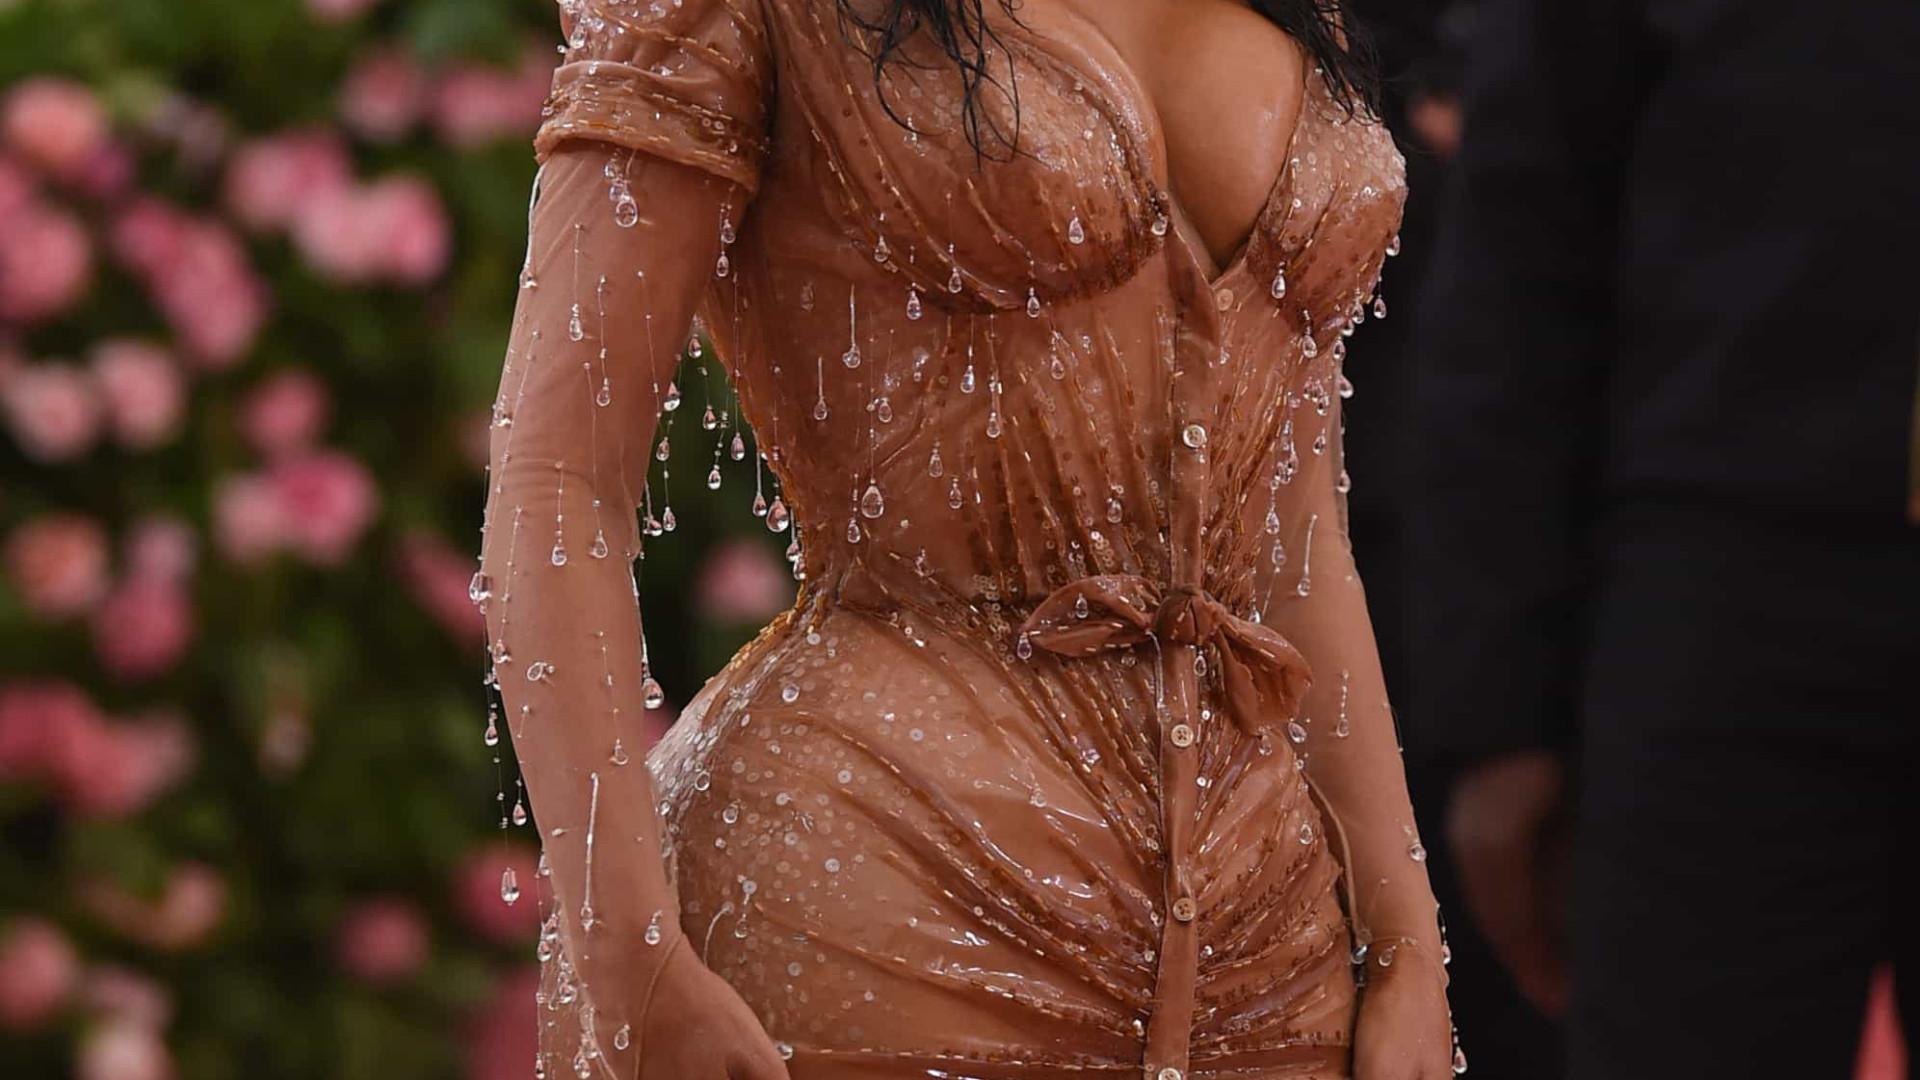 Novo negócio fez Kim Kardashian faturar 2 milhões em poucos minutos